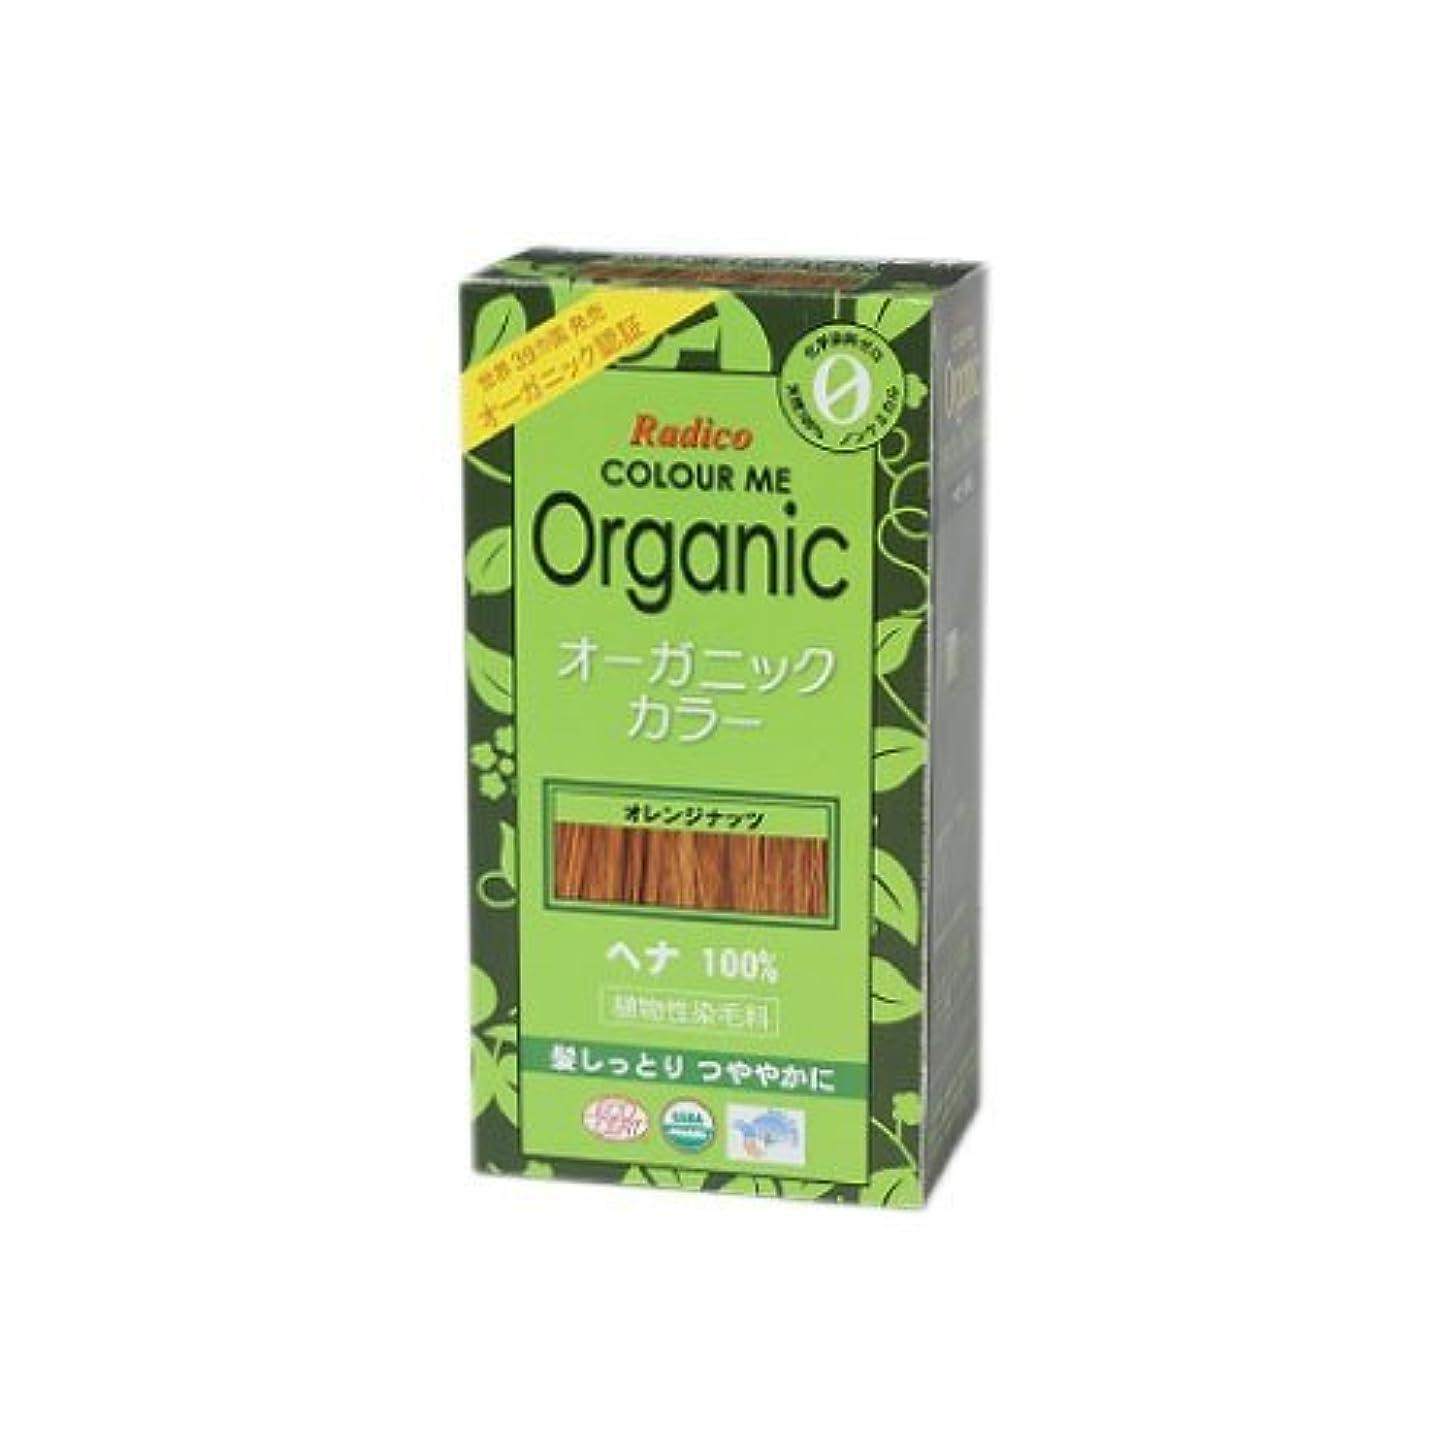 甘やかすビジネス衣服COLOURME Organic (カラーミーオーガニック ヘナ 白髪用) オレンジナッツ 100g